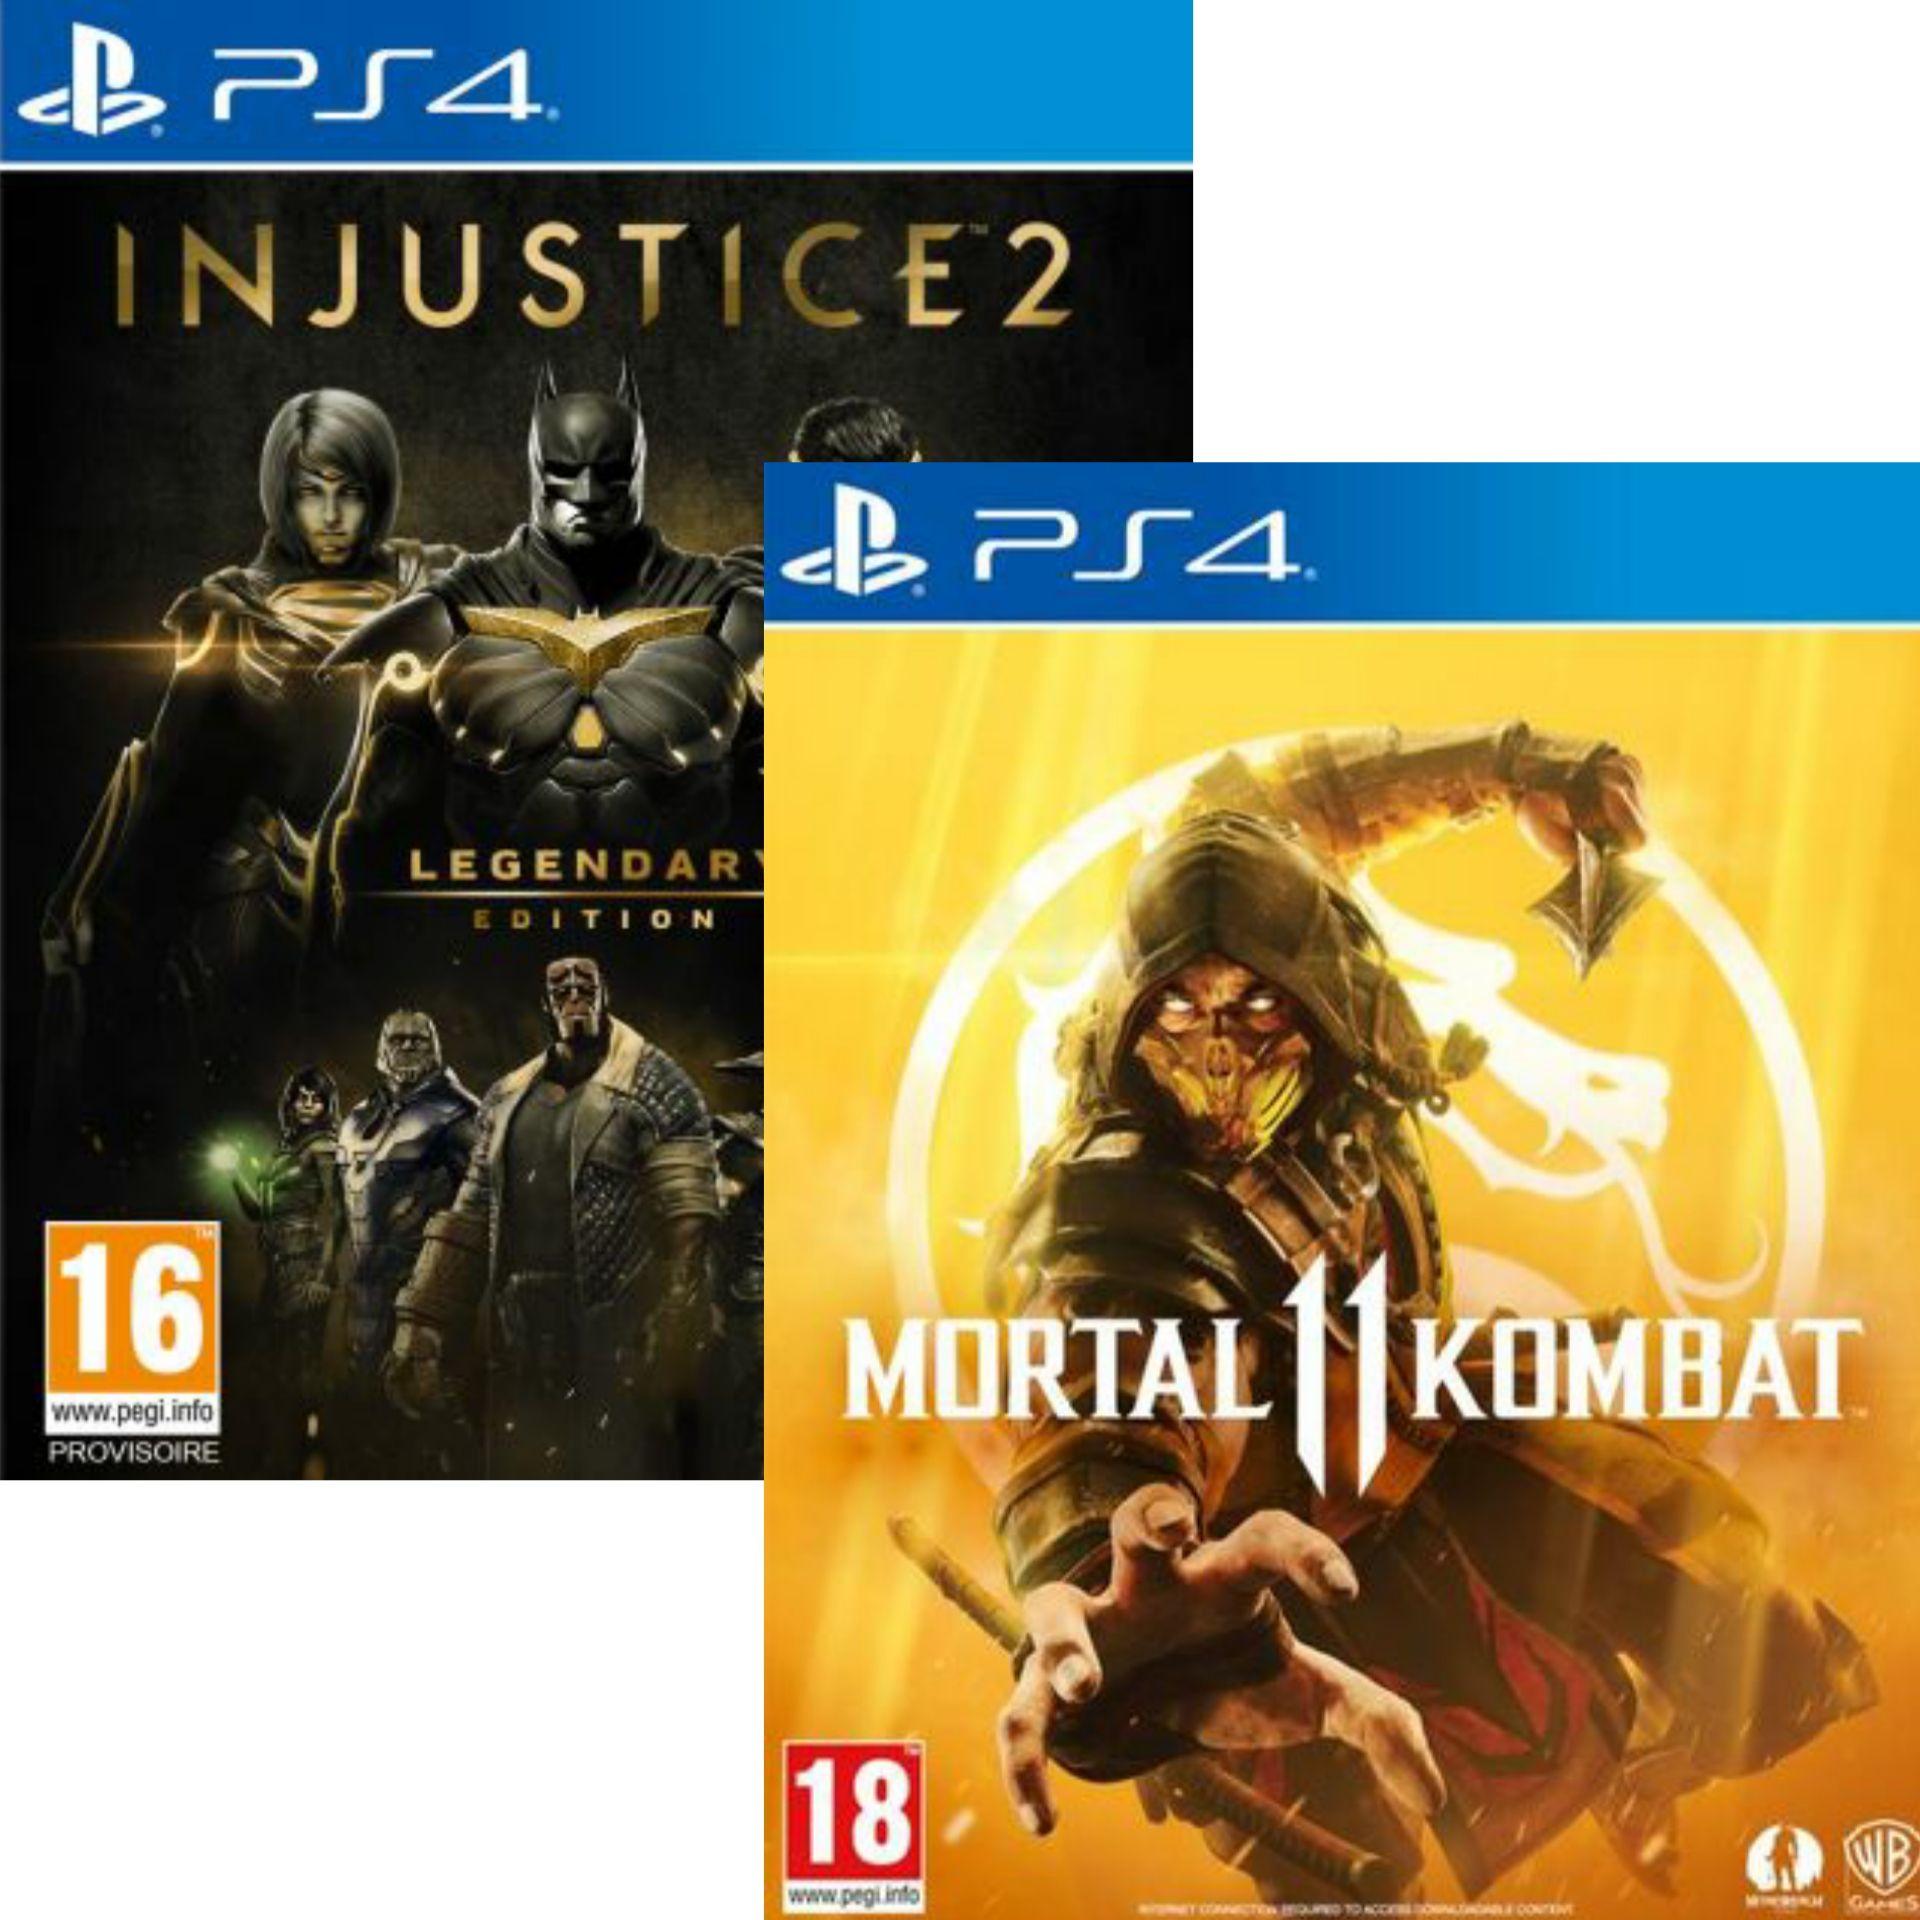 2 jeux Warner achetés = 25€ de remise - Ex : Mortal Kombat 11 & Injustice 2 Legendary Edition sur PS4